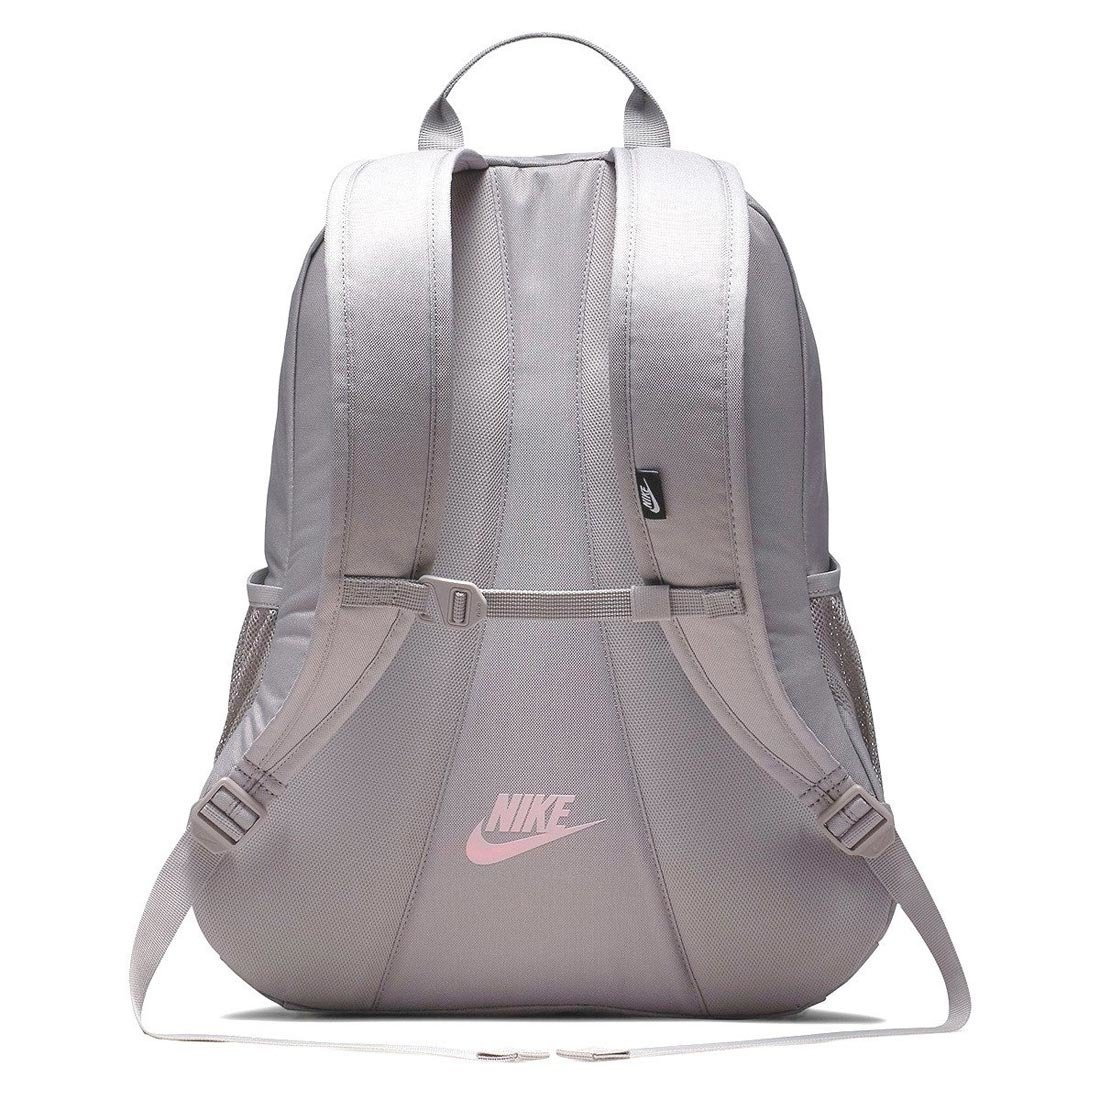 d9fd5f0d86b84 ... Plecak Nike Hayward Futura 2.0 BA5217-027 ...